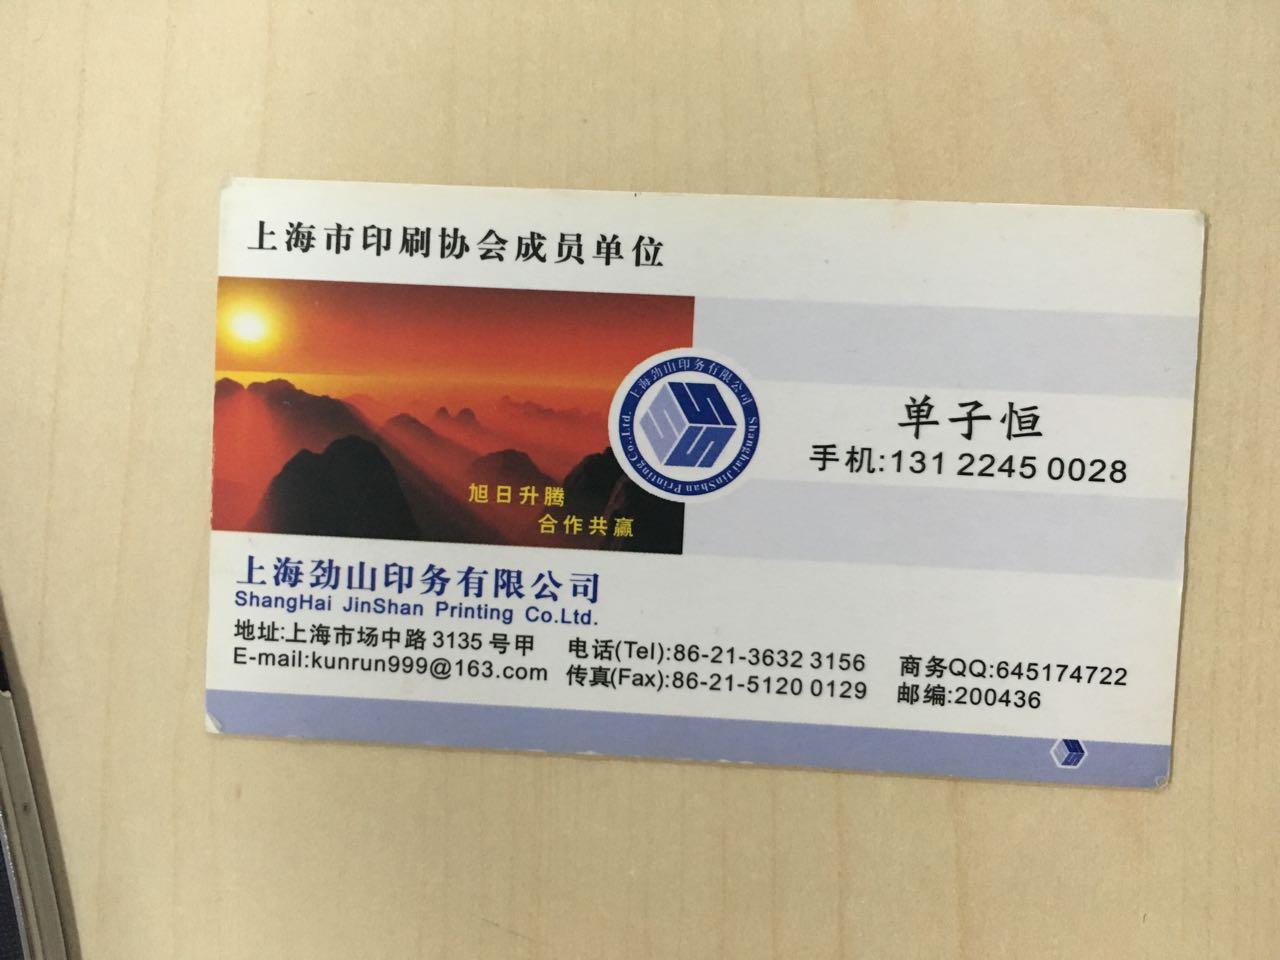 来自姚琦六发布的采购信息:测试需要 请帮忙审核通过... - 上海合合信息科技发展有限公司